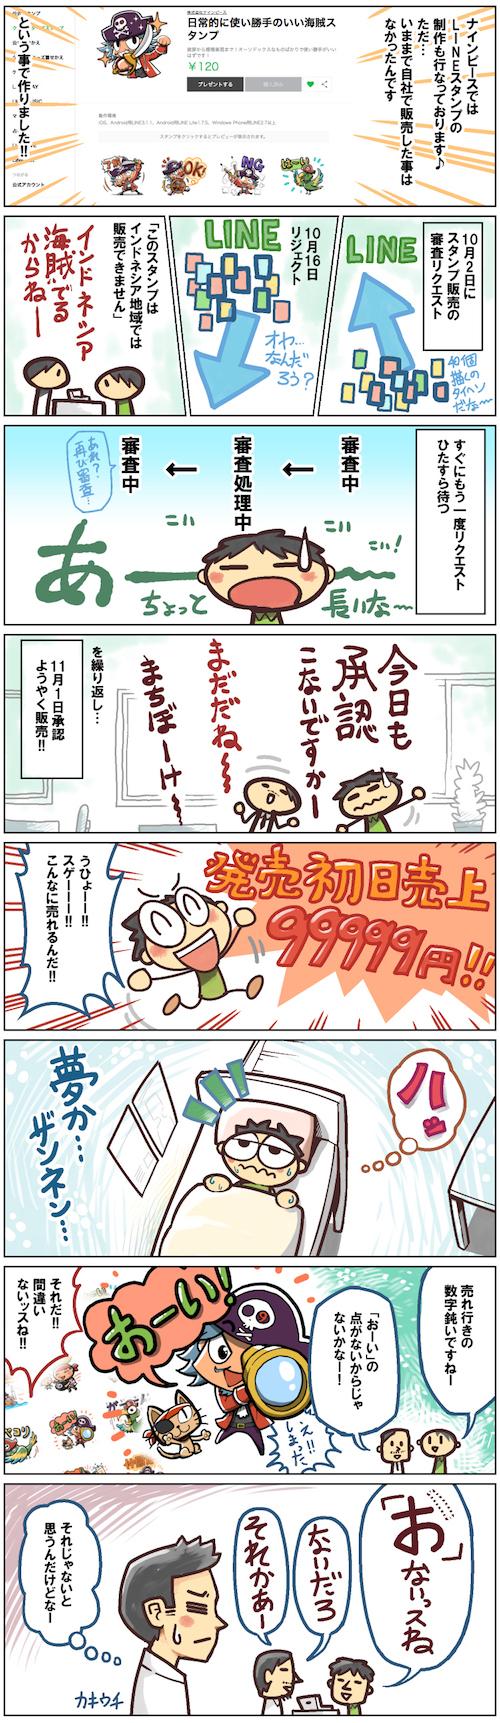 weekly_comic_09.jpg